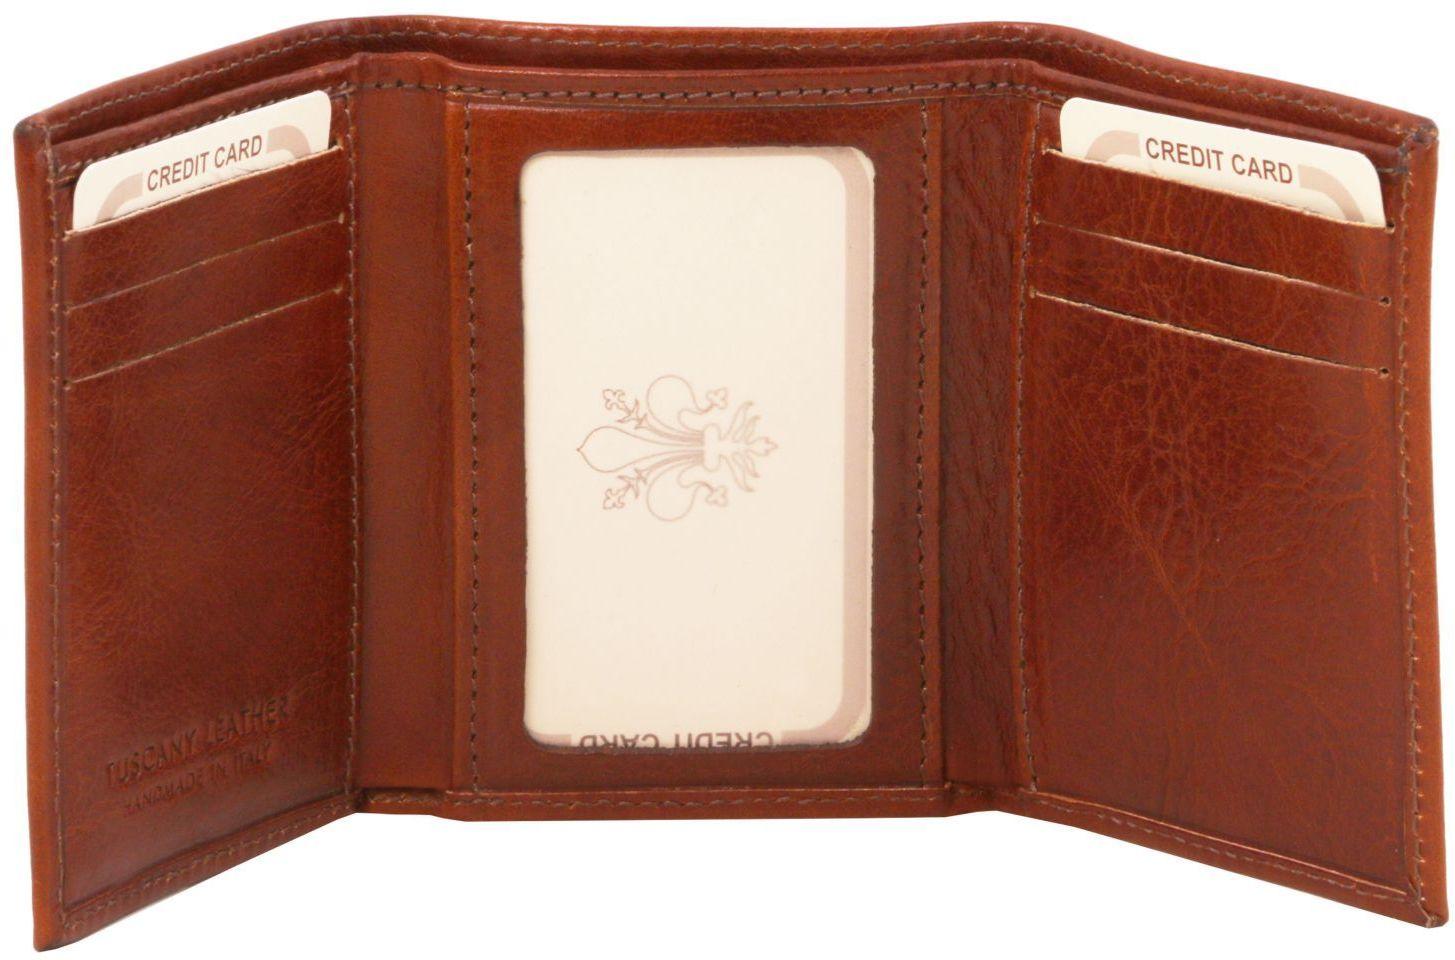 Δερμάτινη θήκη για κάρτες TL140801 Καφέ Σκούρο Tuscany Leather